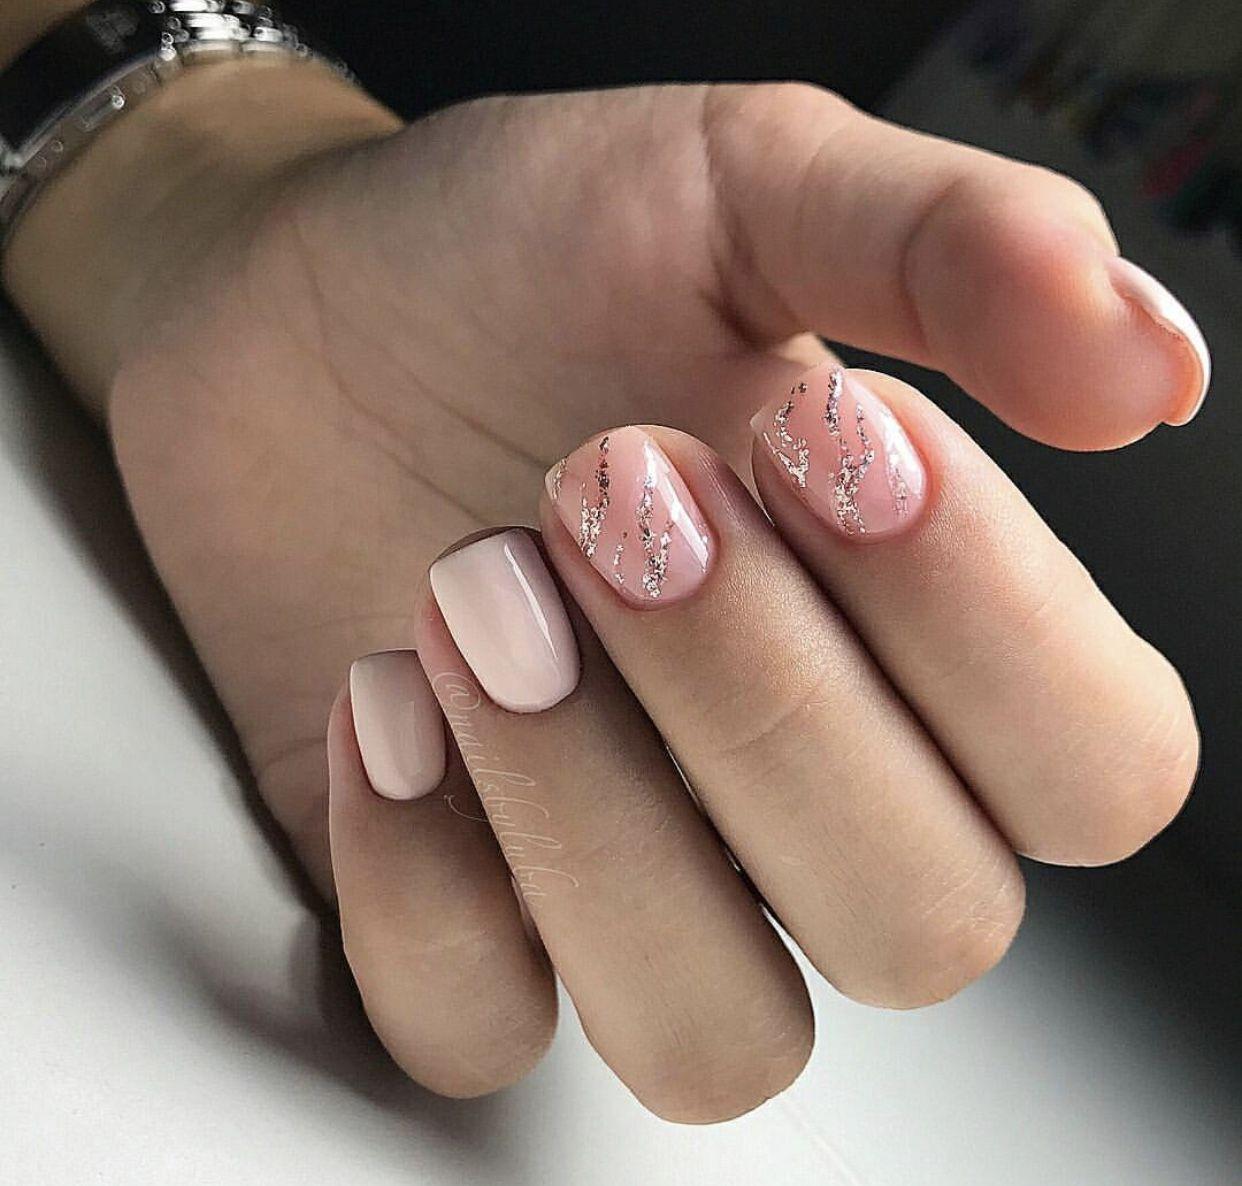 Pin by Andrea Dale on gel nails | Pinterest | Short nails, Nail nail ...